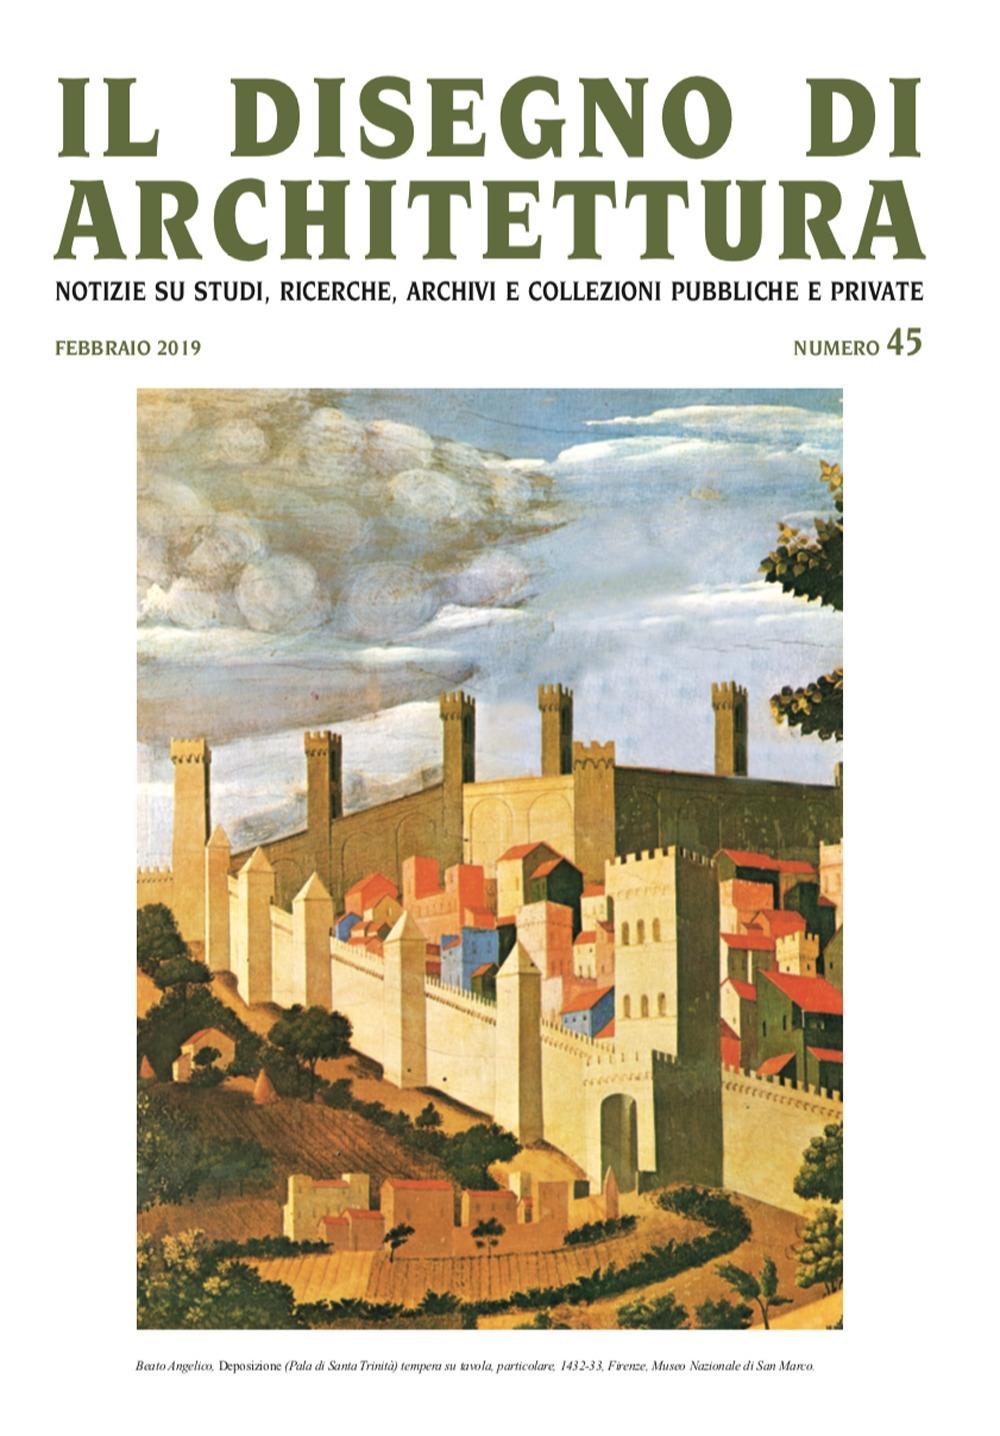 Il Disegno di Architettura. Vol. 45. Febbraio 2019. Notizie su studi, ricerche, archivi e collezioni pubbliche e private.